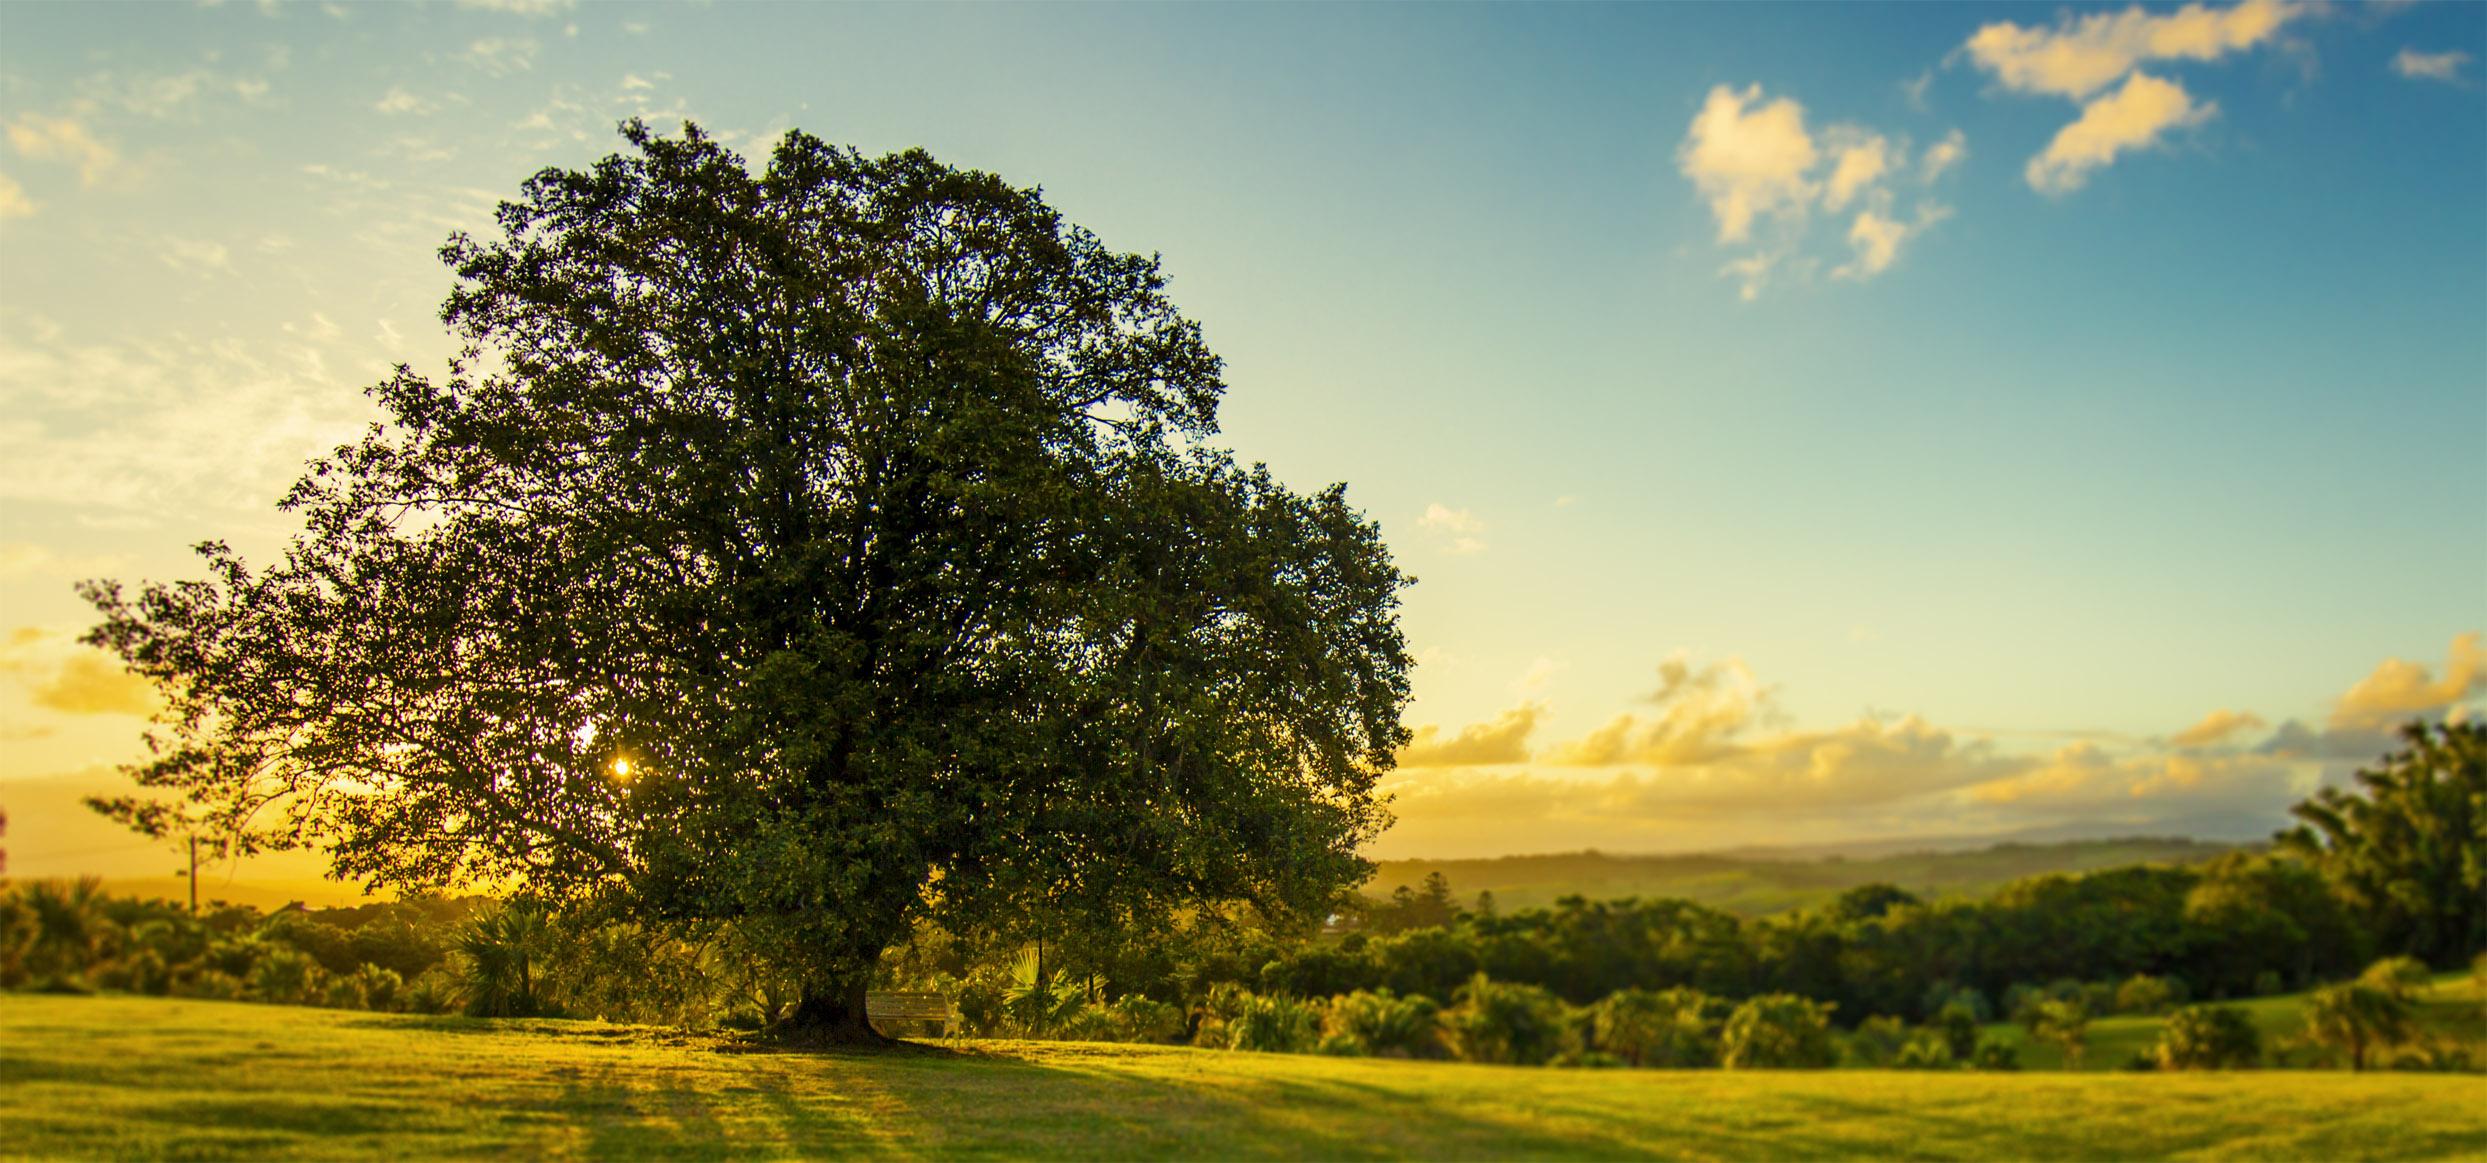 tree horizons.jpg